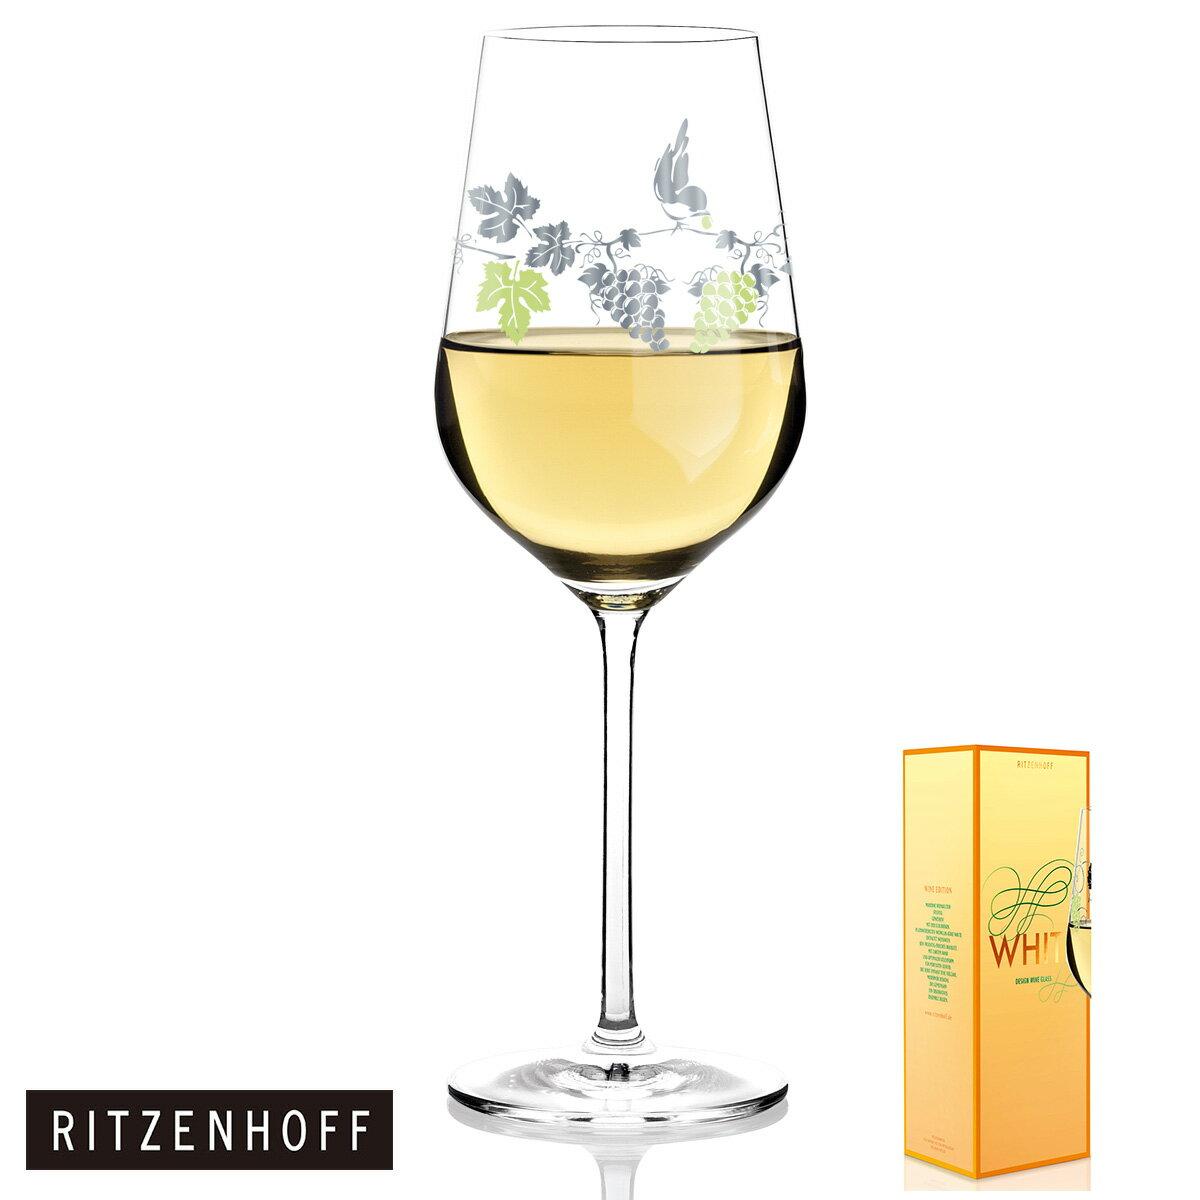 【ポイント20倍】RITZENHOFF リッツェンホフ WINE WHITE ワイン ホワイト ワイングラス (83010023-Concetta Lorenzo)グラス 白ワイン プレゼント 贈り物 ギフト ブライダルギフト【限定数】